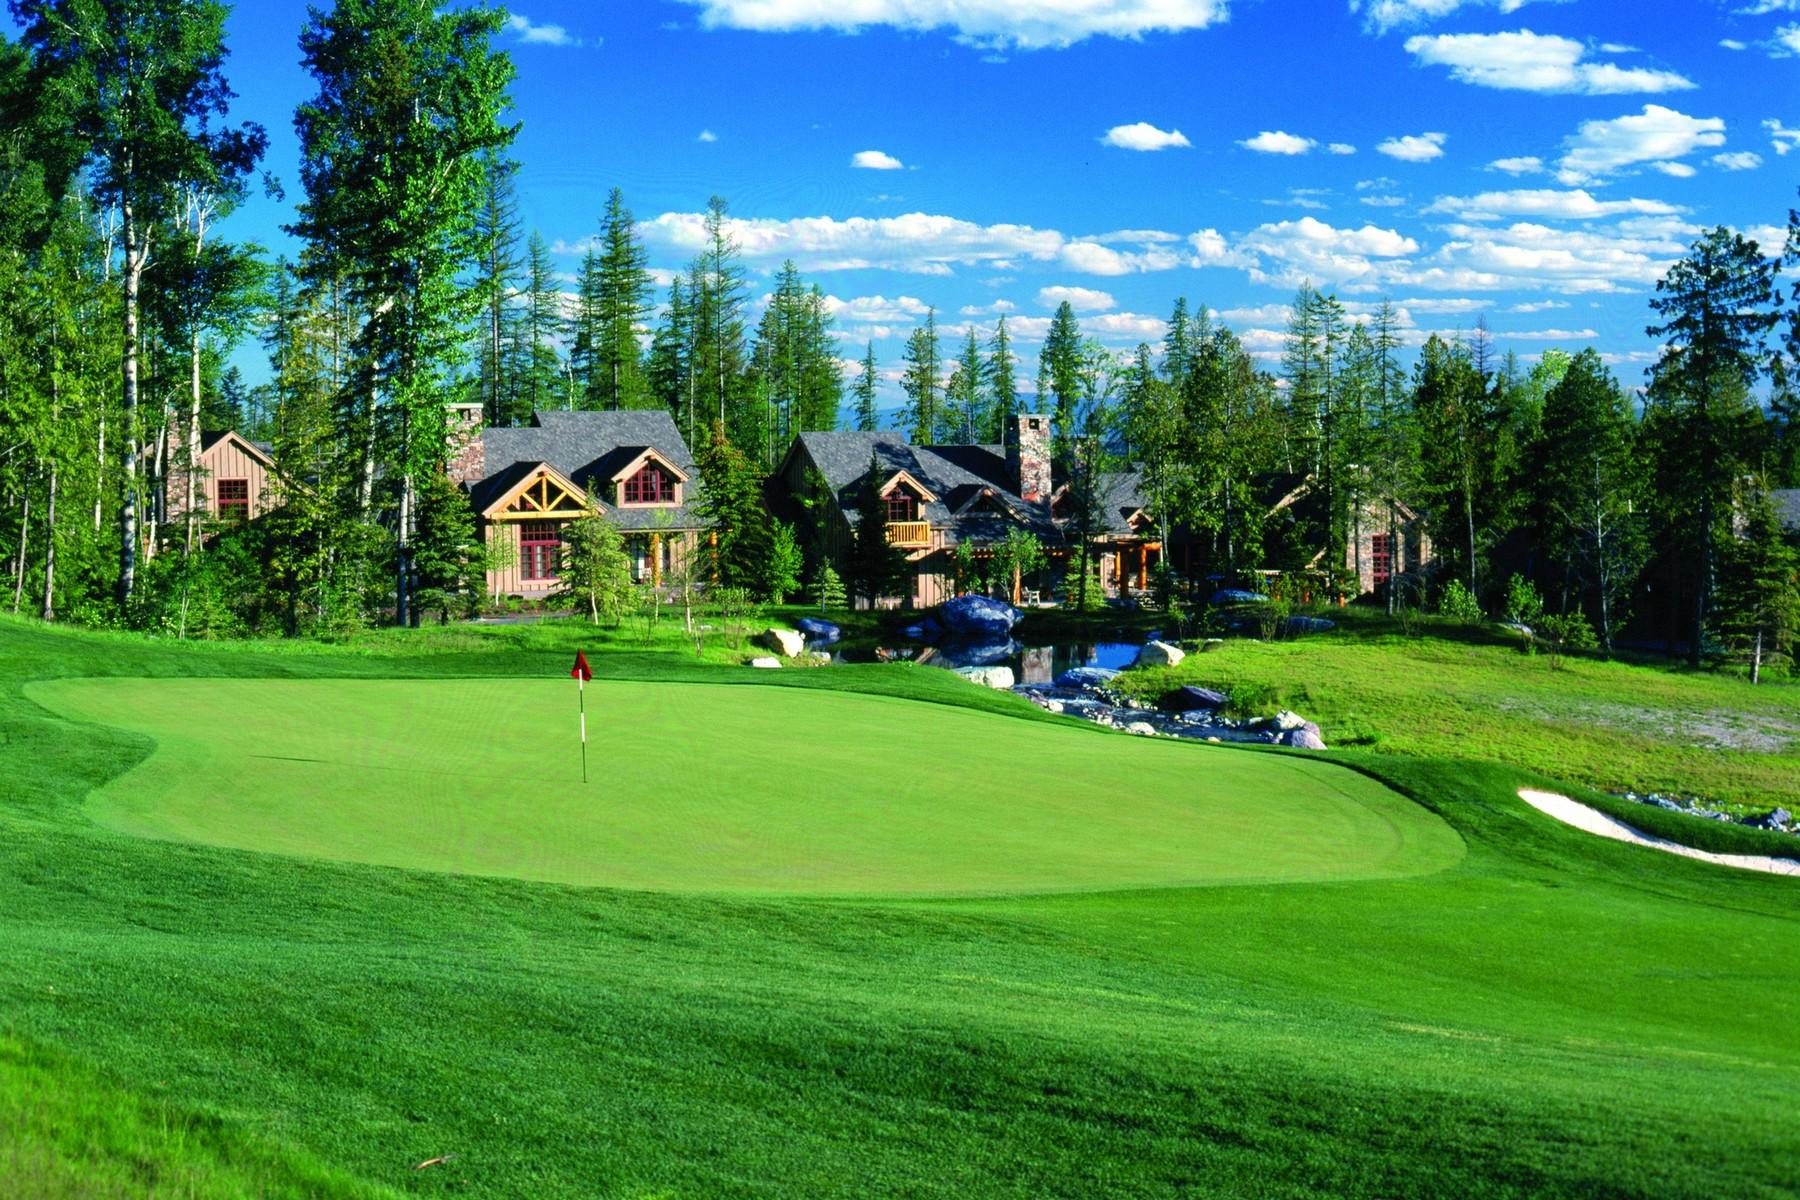 Land for Sale at 145 S Prairiesmoke Cir , Whitefish, MT 59937 145 S Prairiesmoke Cir Whitefish, Montana 59937 United States